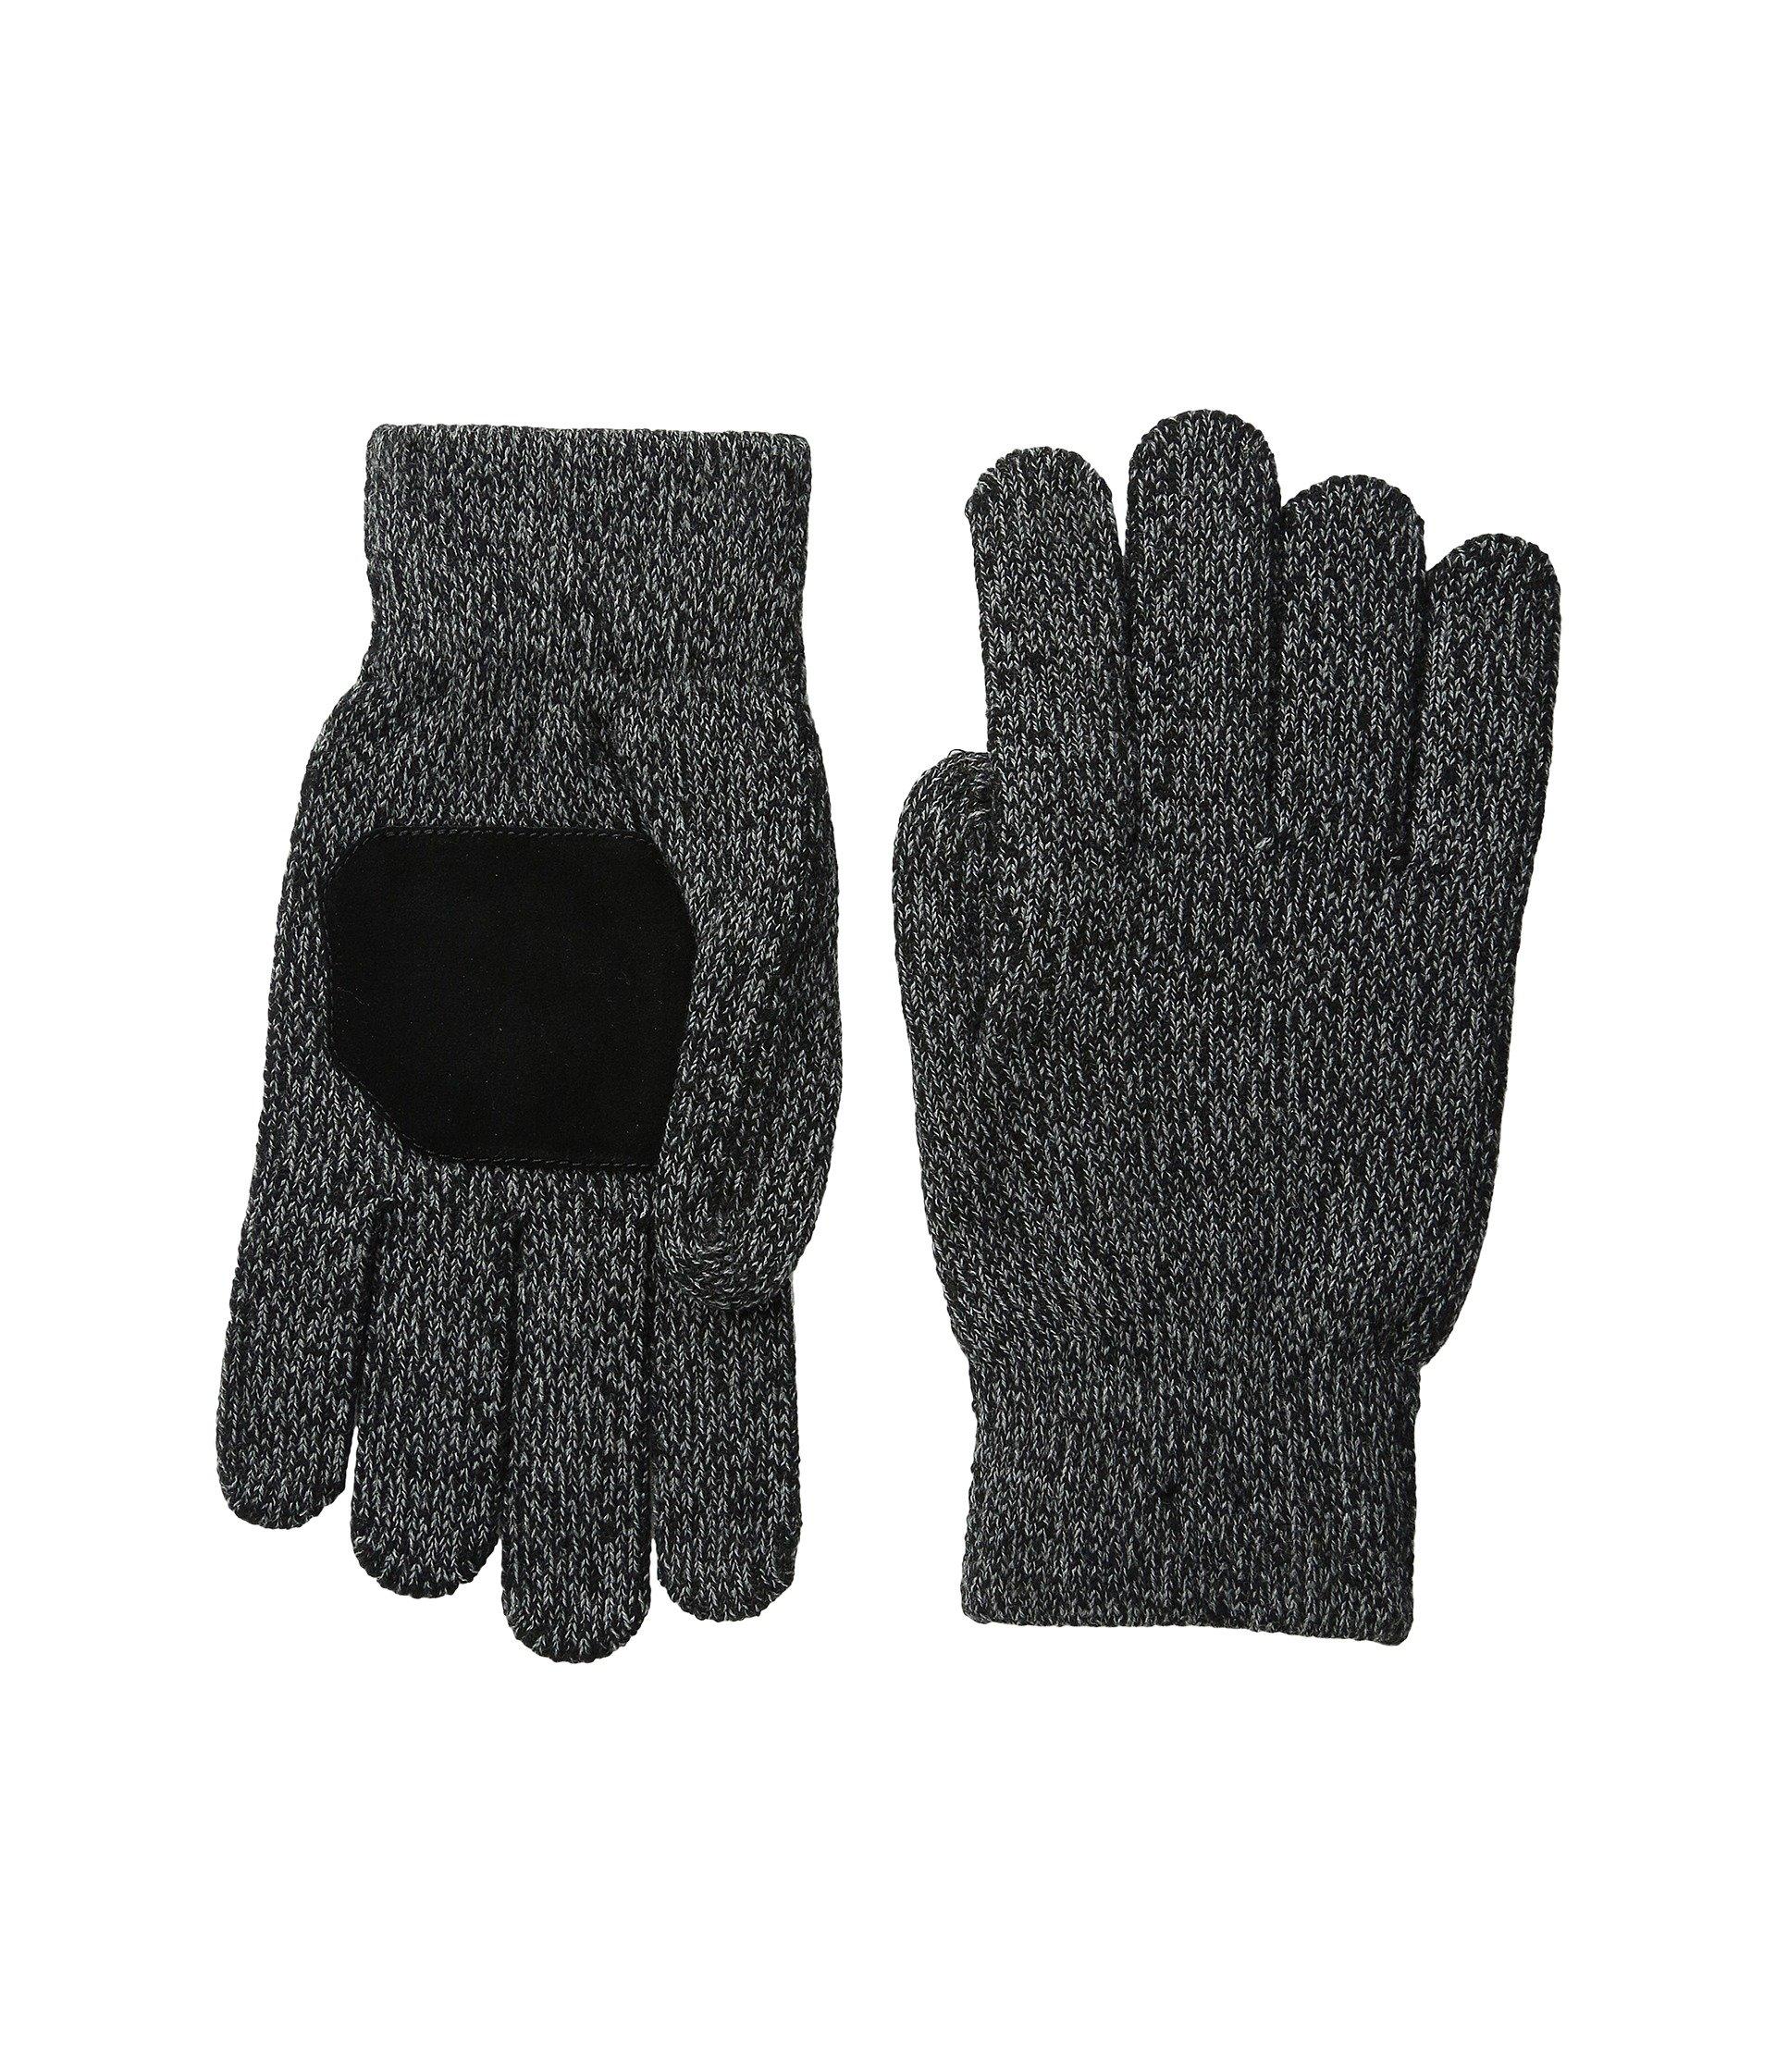 Guantes para Hombre Smartwool Cozy Grip Glove  + Smartwool en VeoyCompro.net